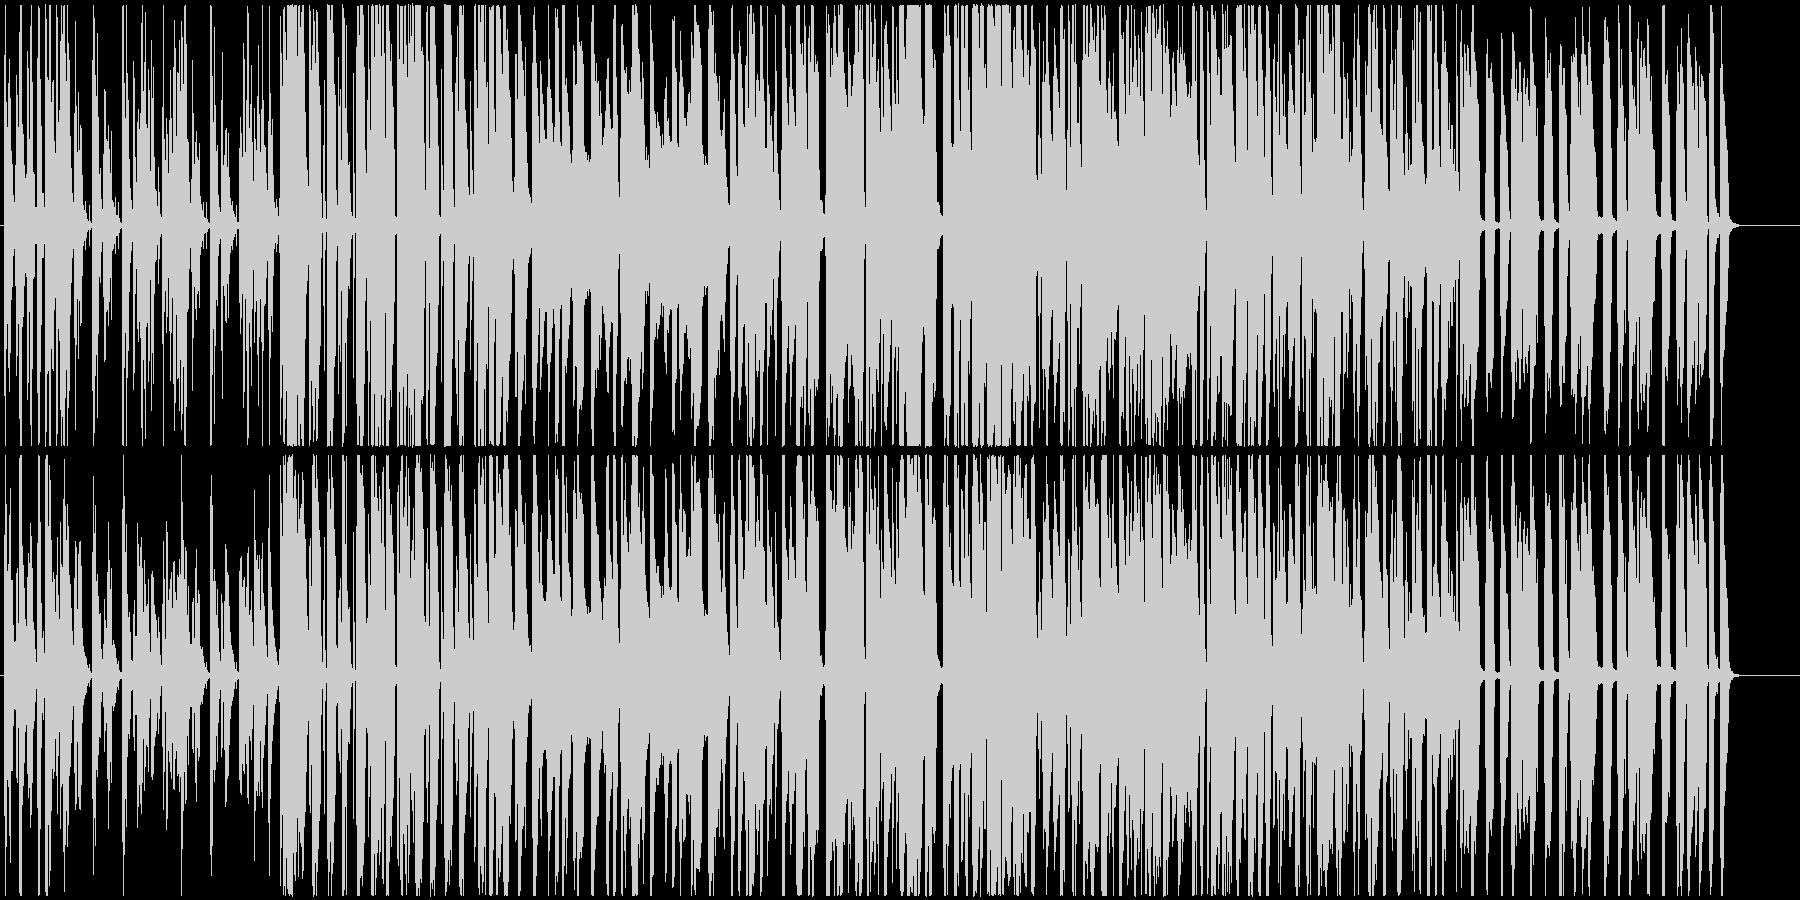 ストリングスとクラリネットのかわいい曲の未再生の波形